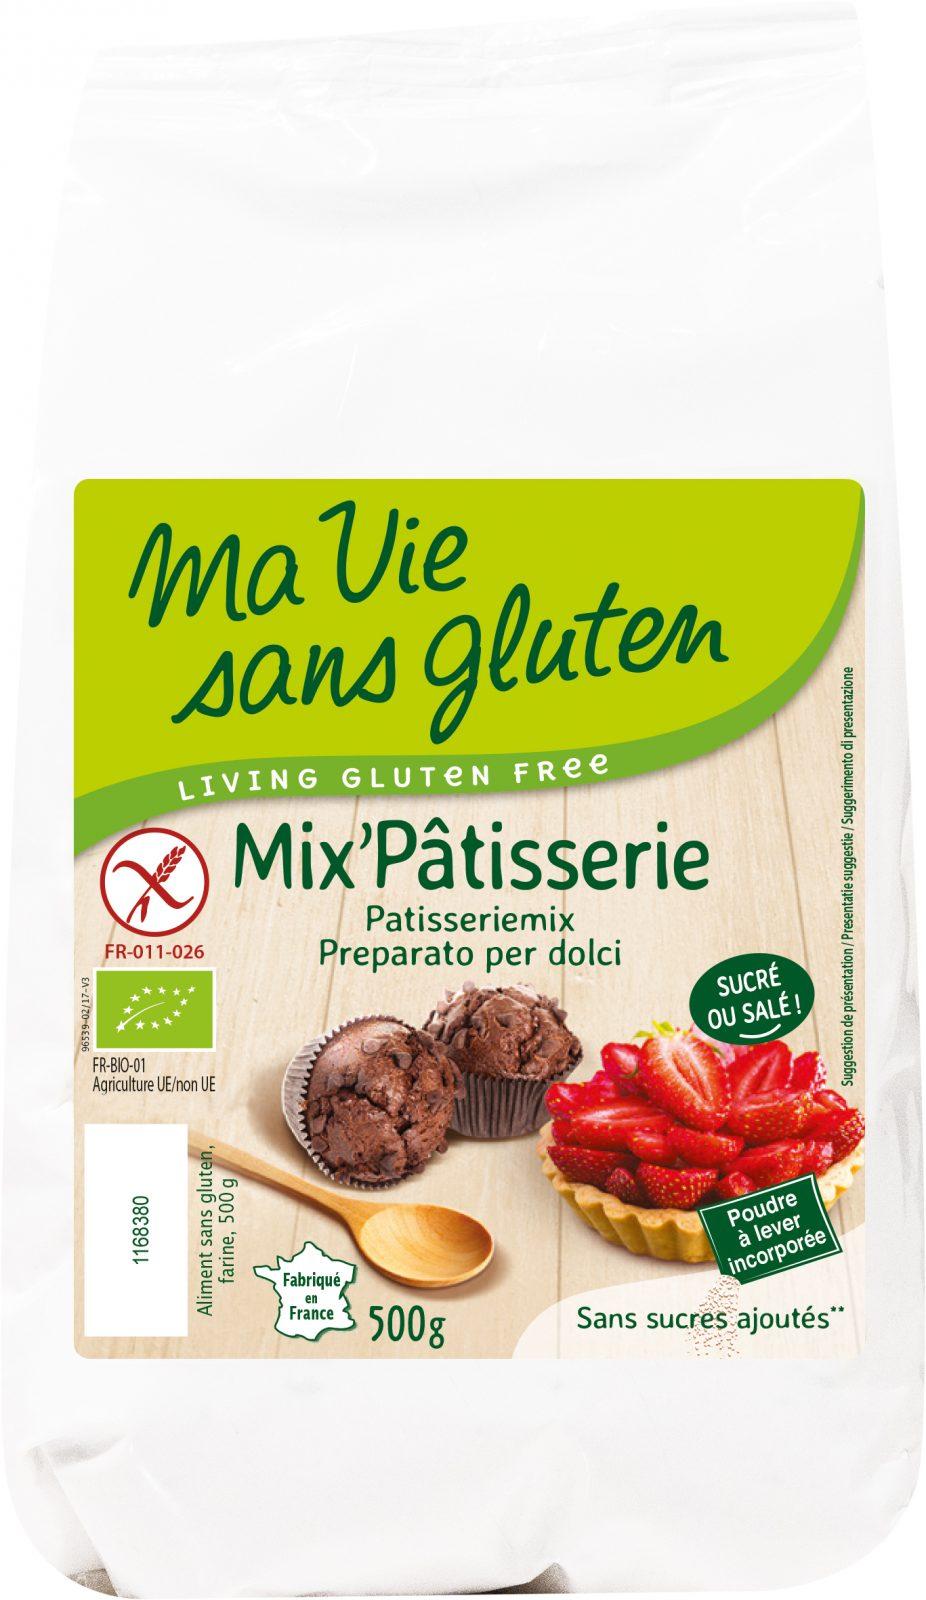 Ma Vie Sans Gluten - Mix'pâtisserie 500g